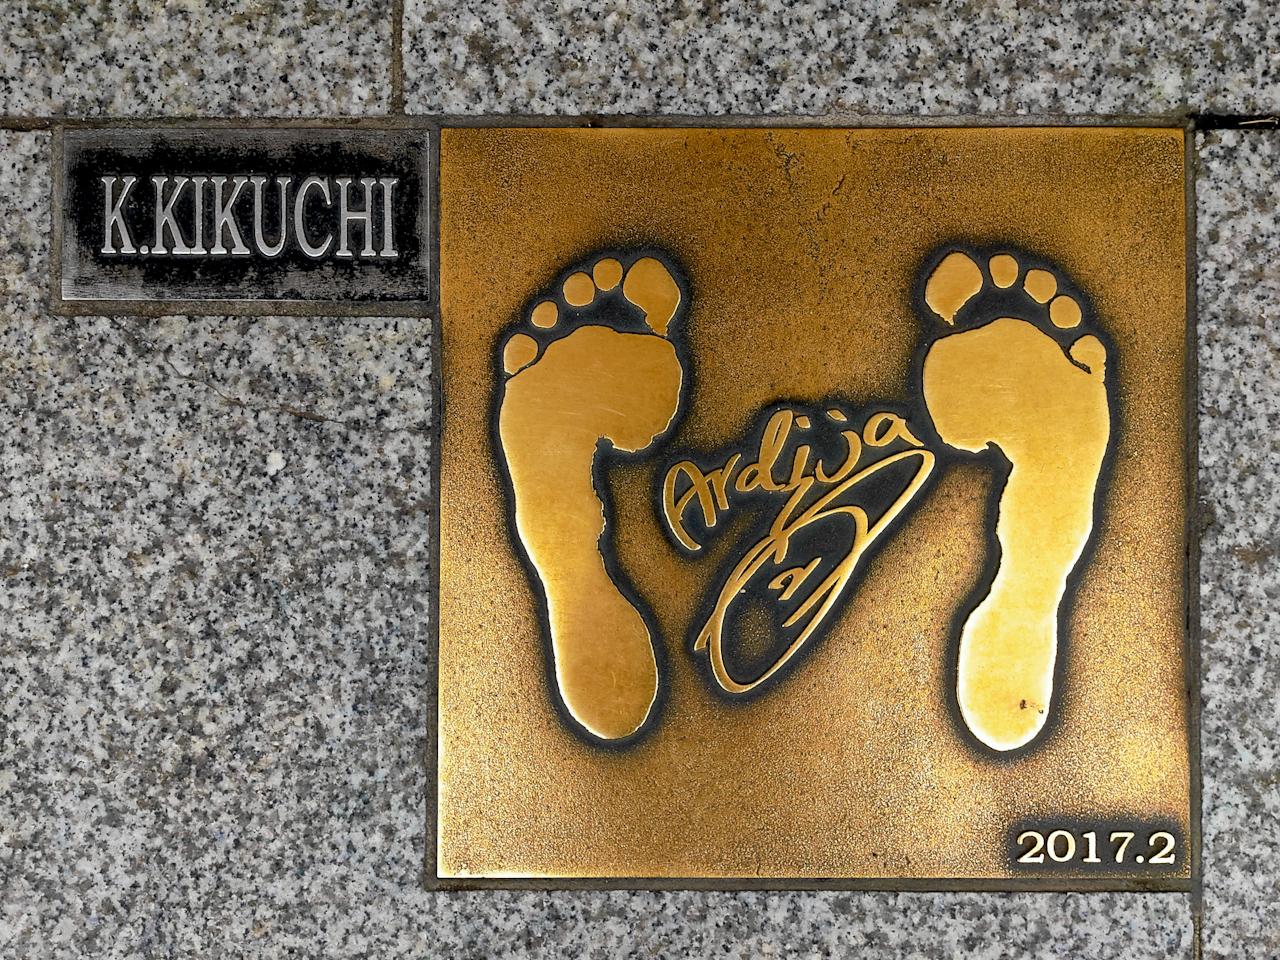 平成28年度に設置された菊地光将選手(現・レノファ山口FC所属)のレリーフ